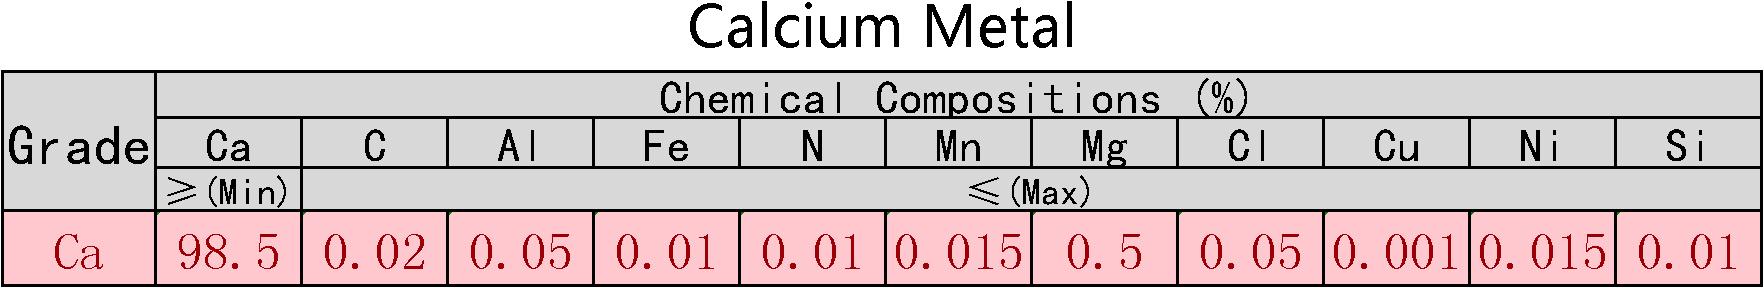 Calcium_Metal